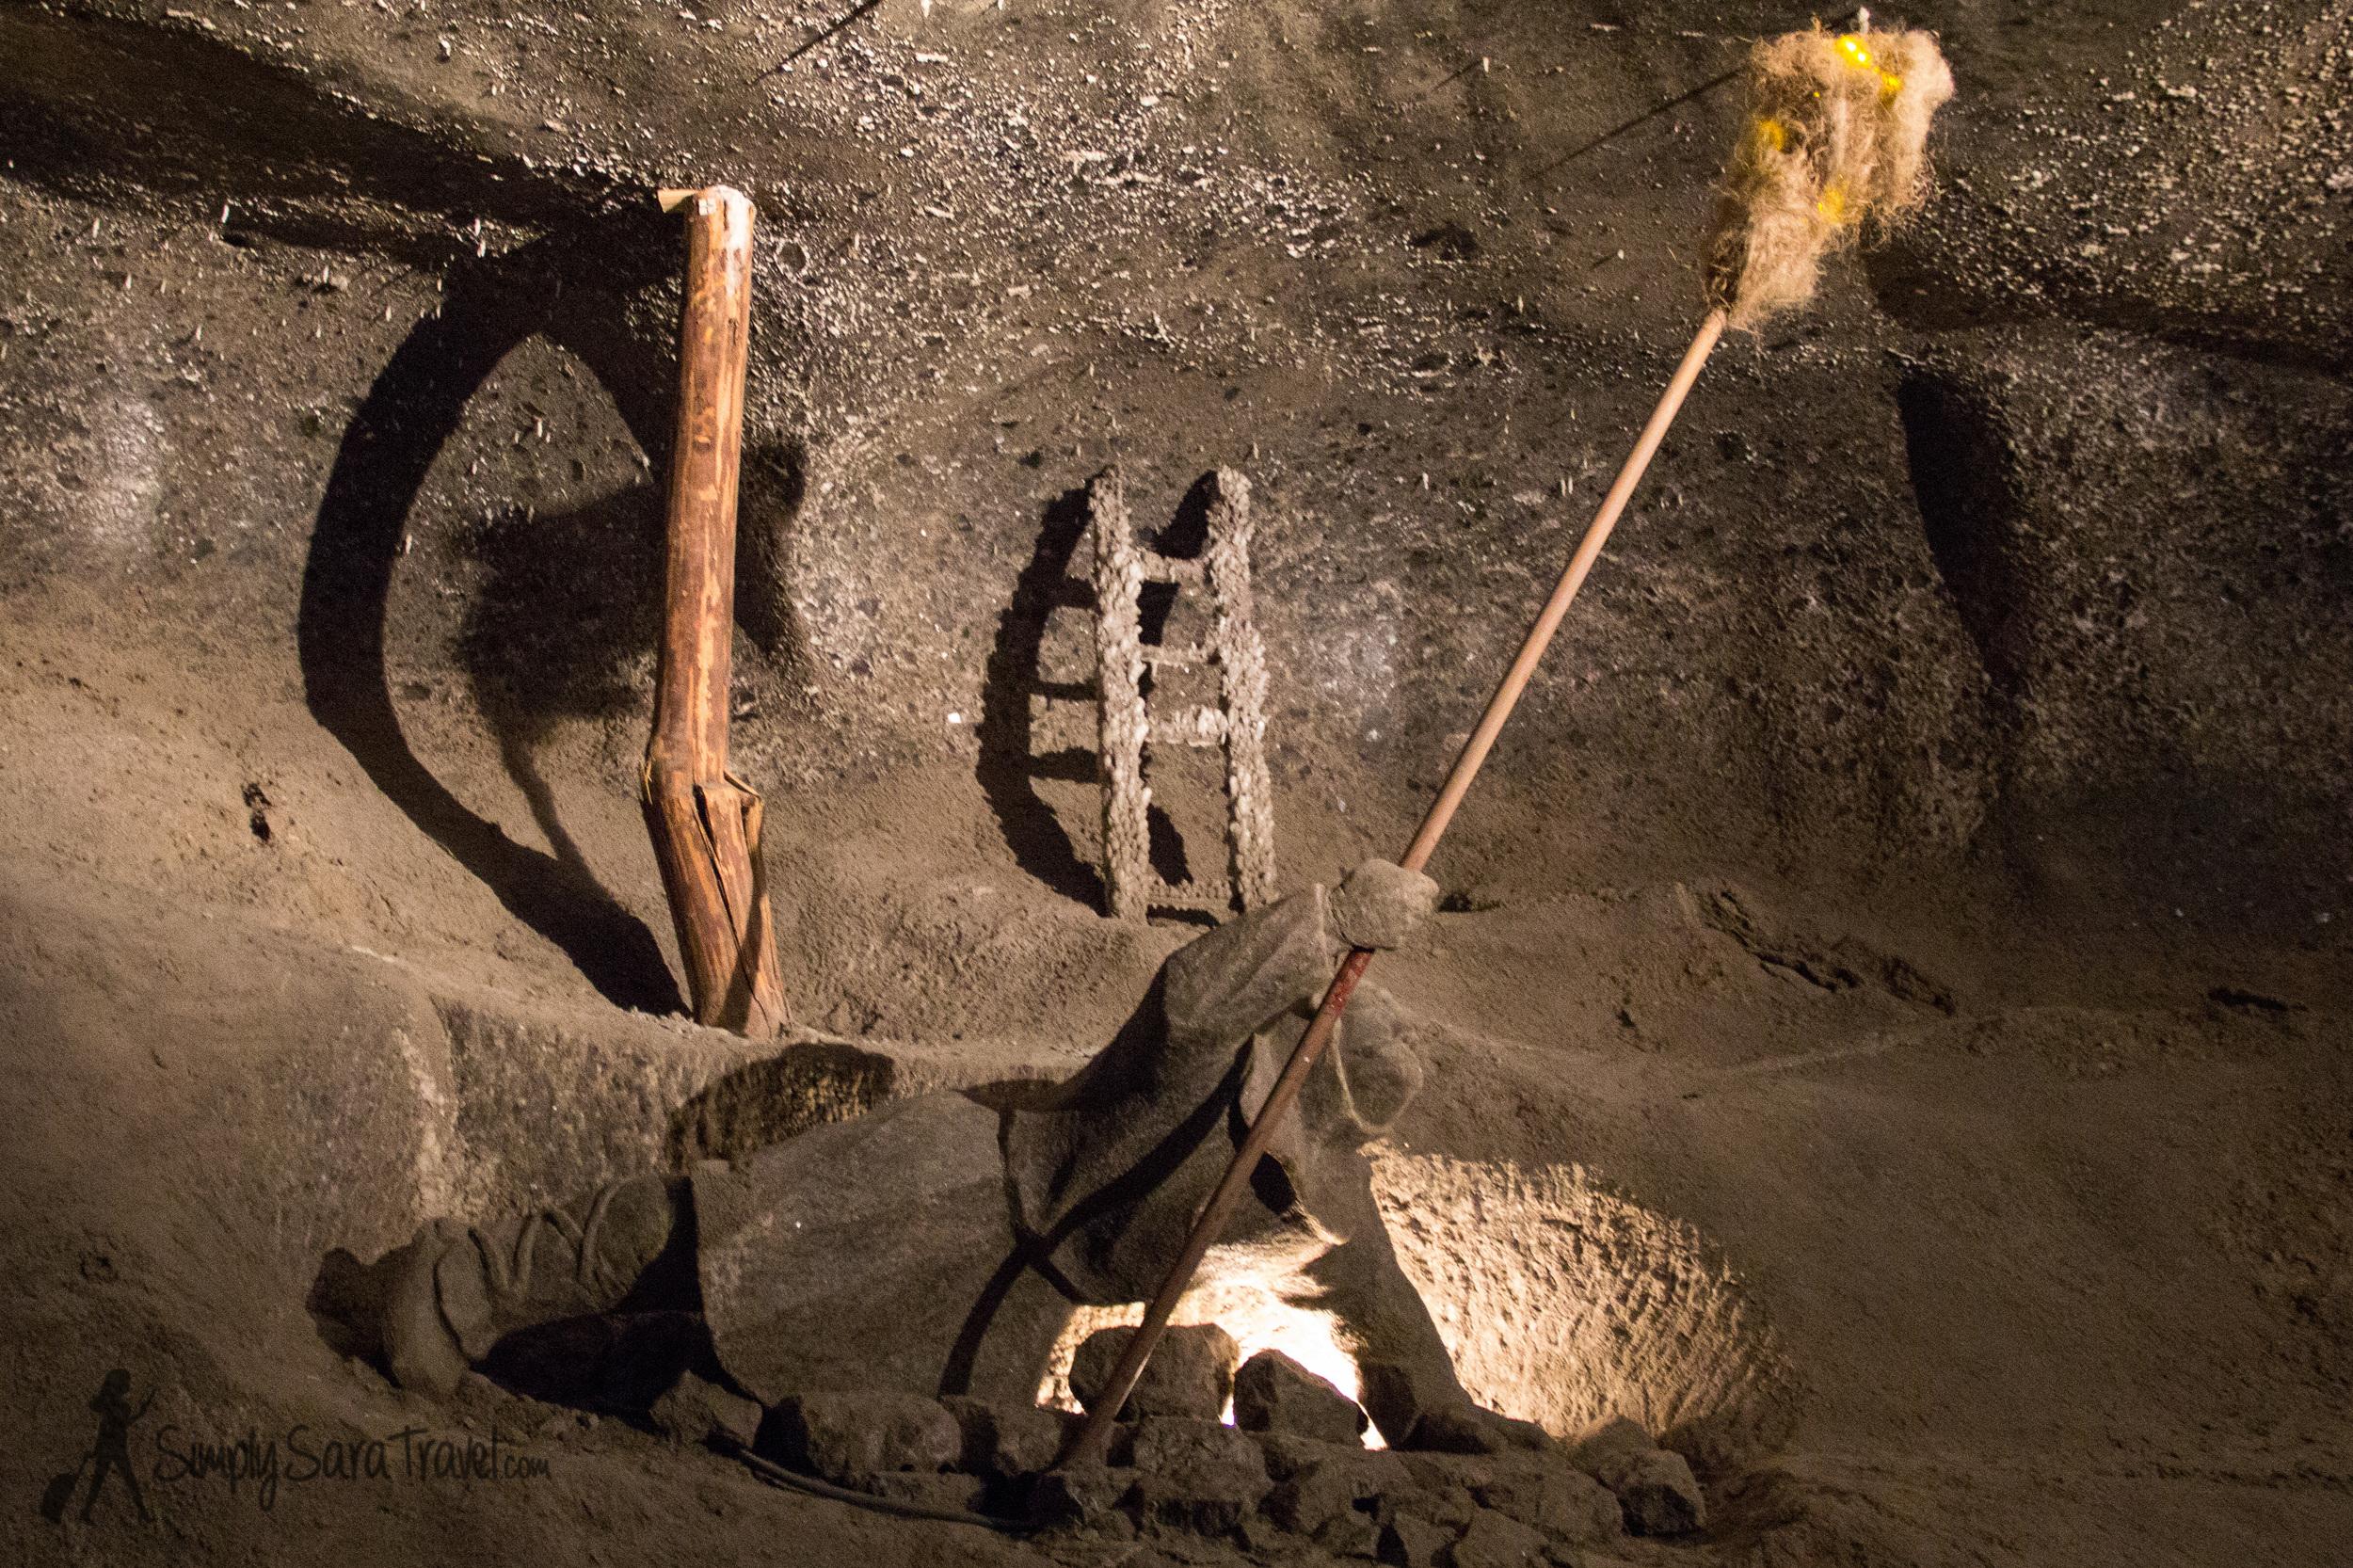 Sculpture of a miner working in theWieliczka Salt Mine, Poland